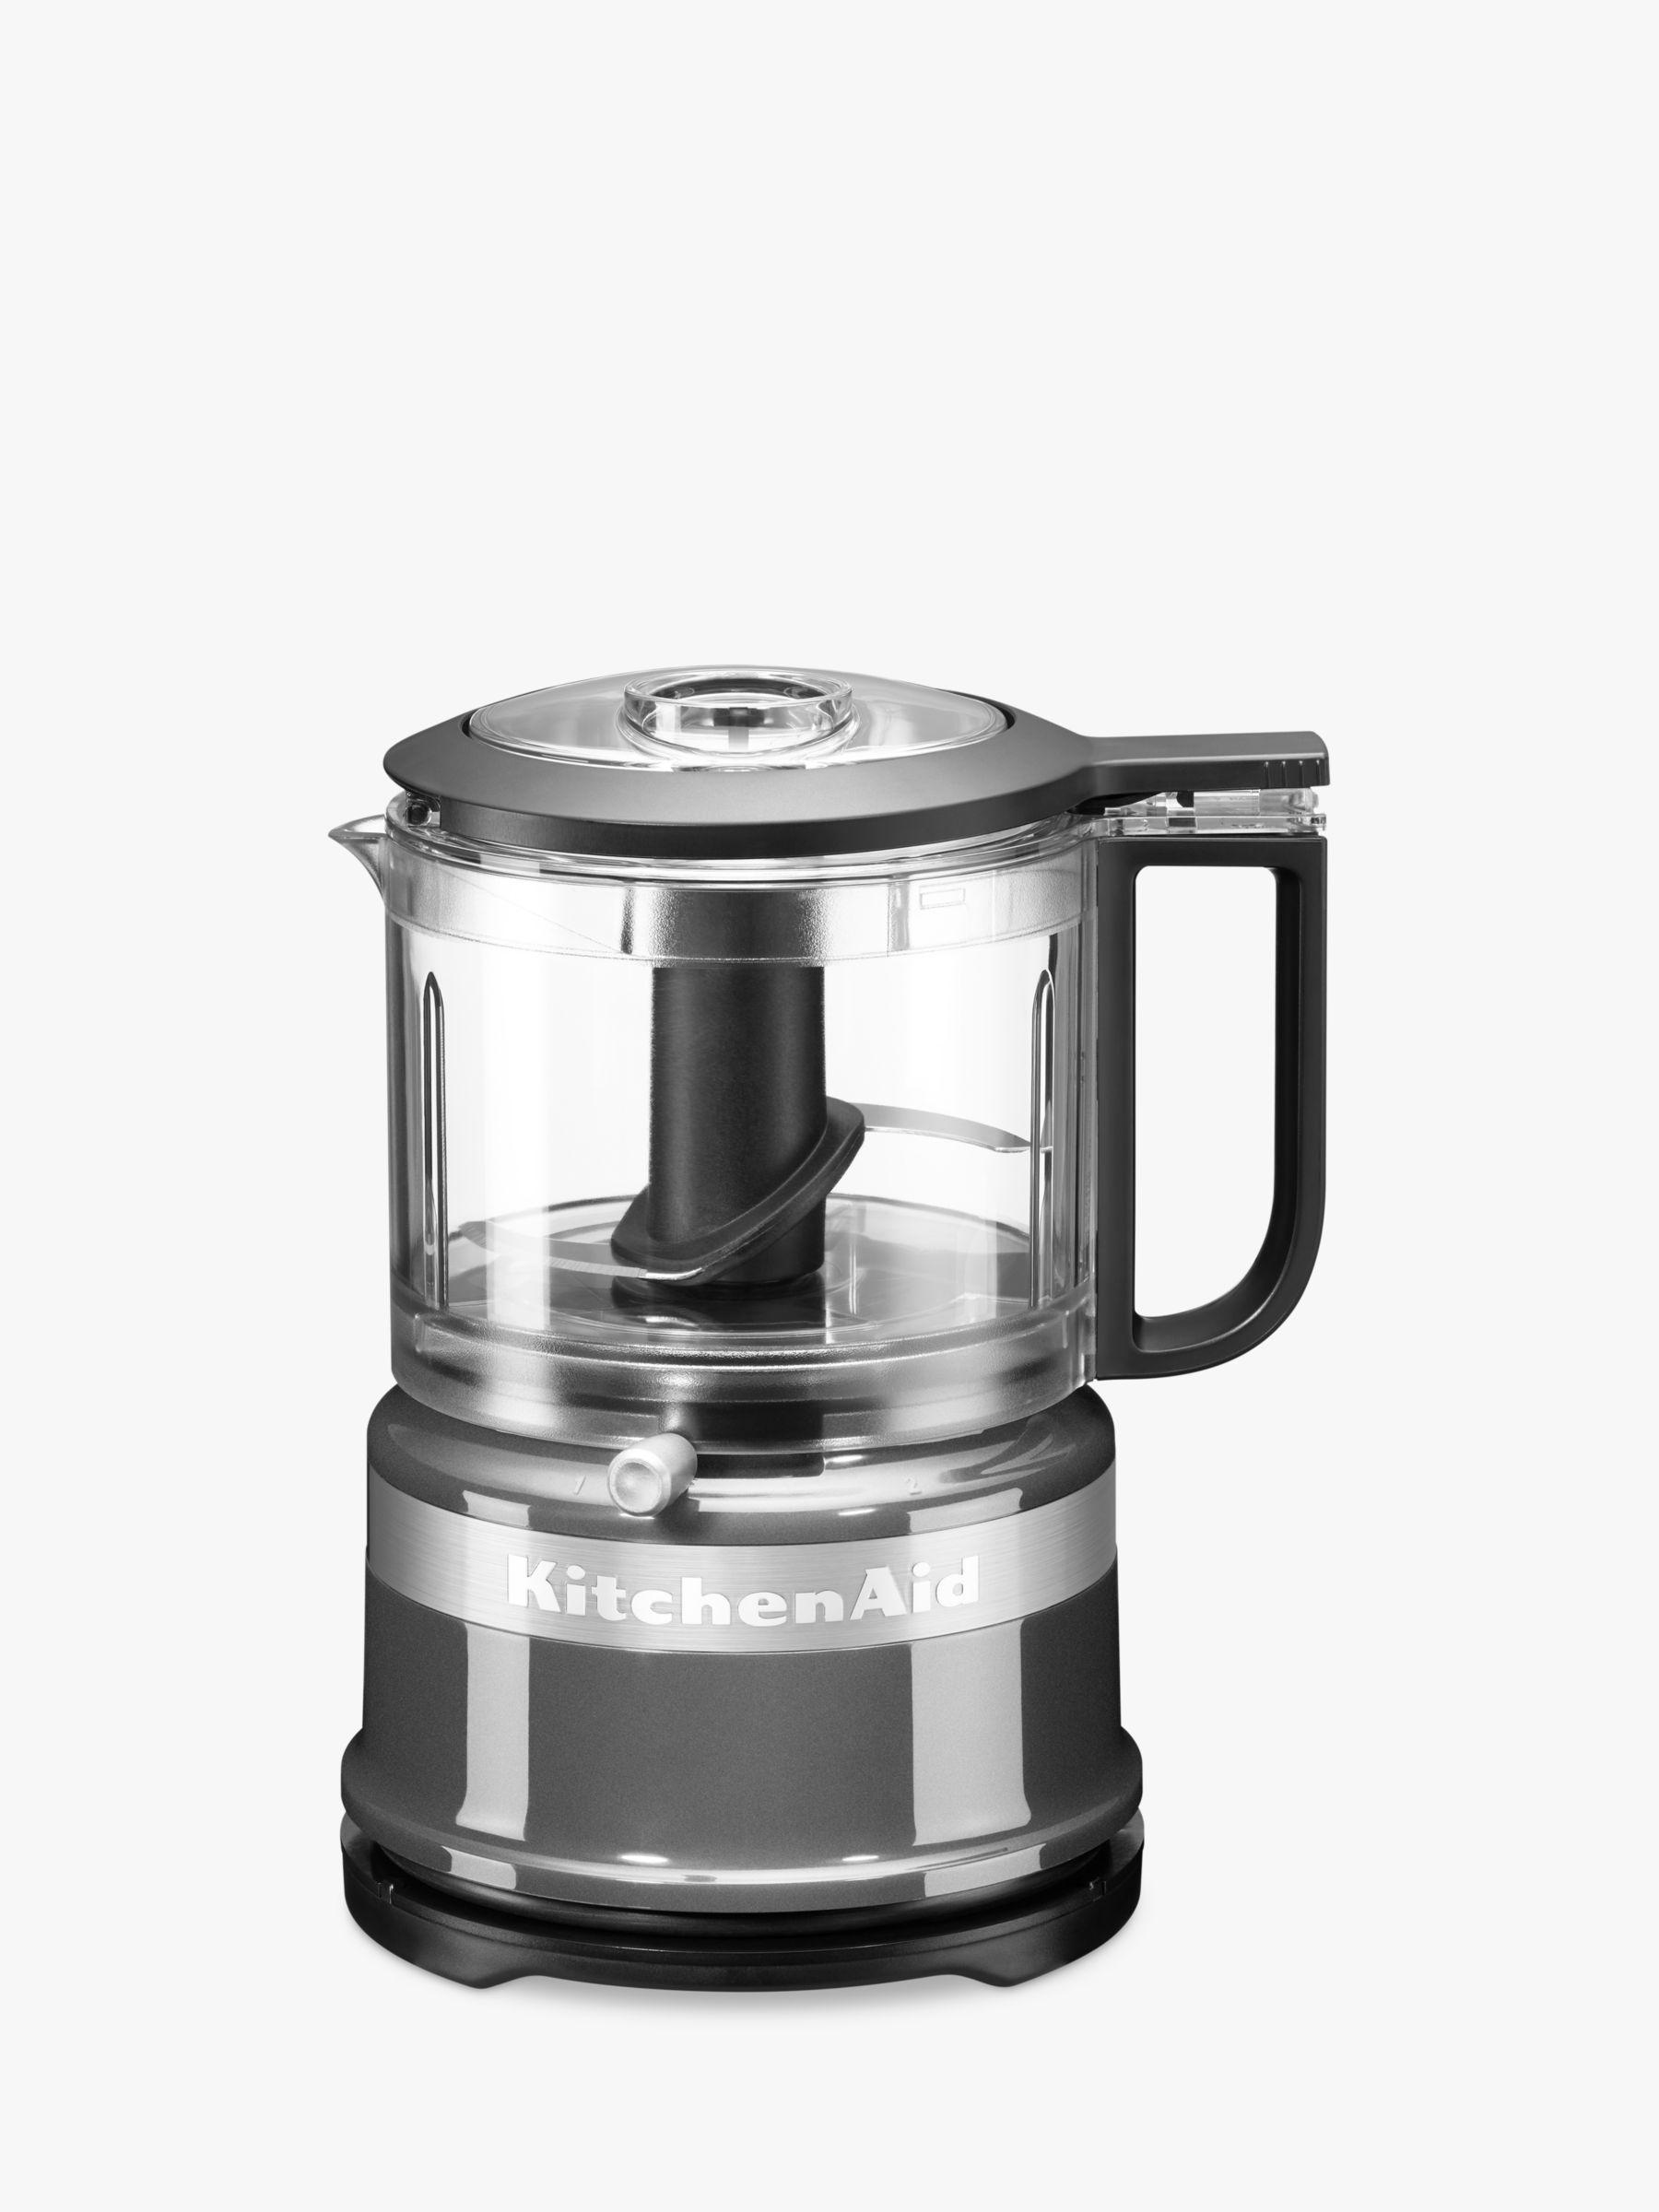 KitchenAid Mini Food Processor, Silver